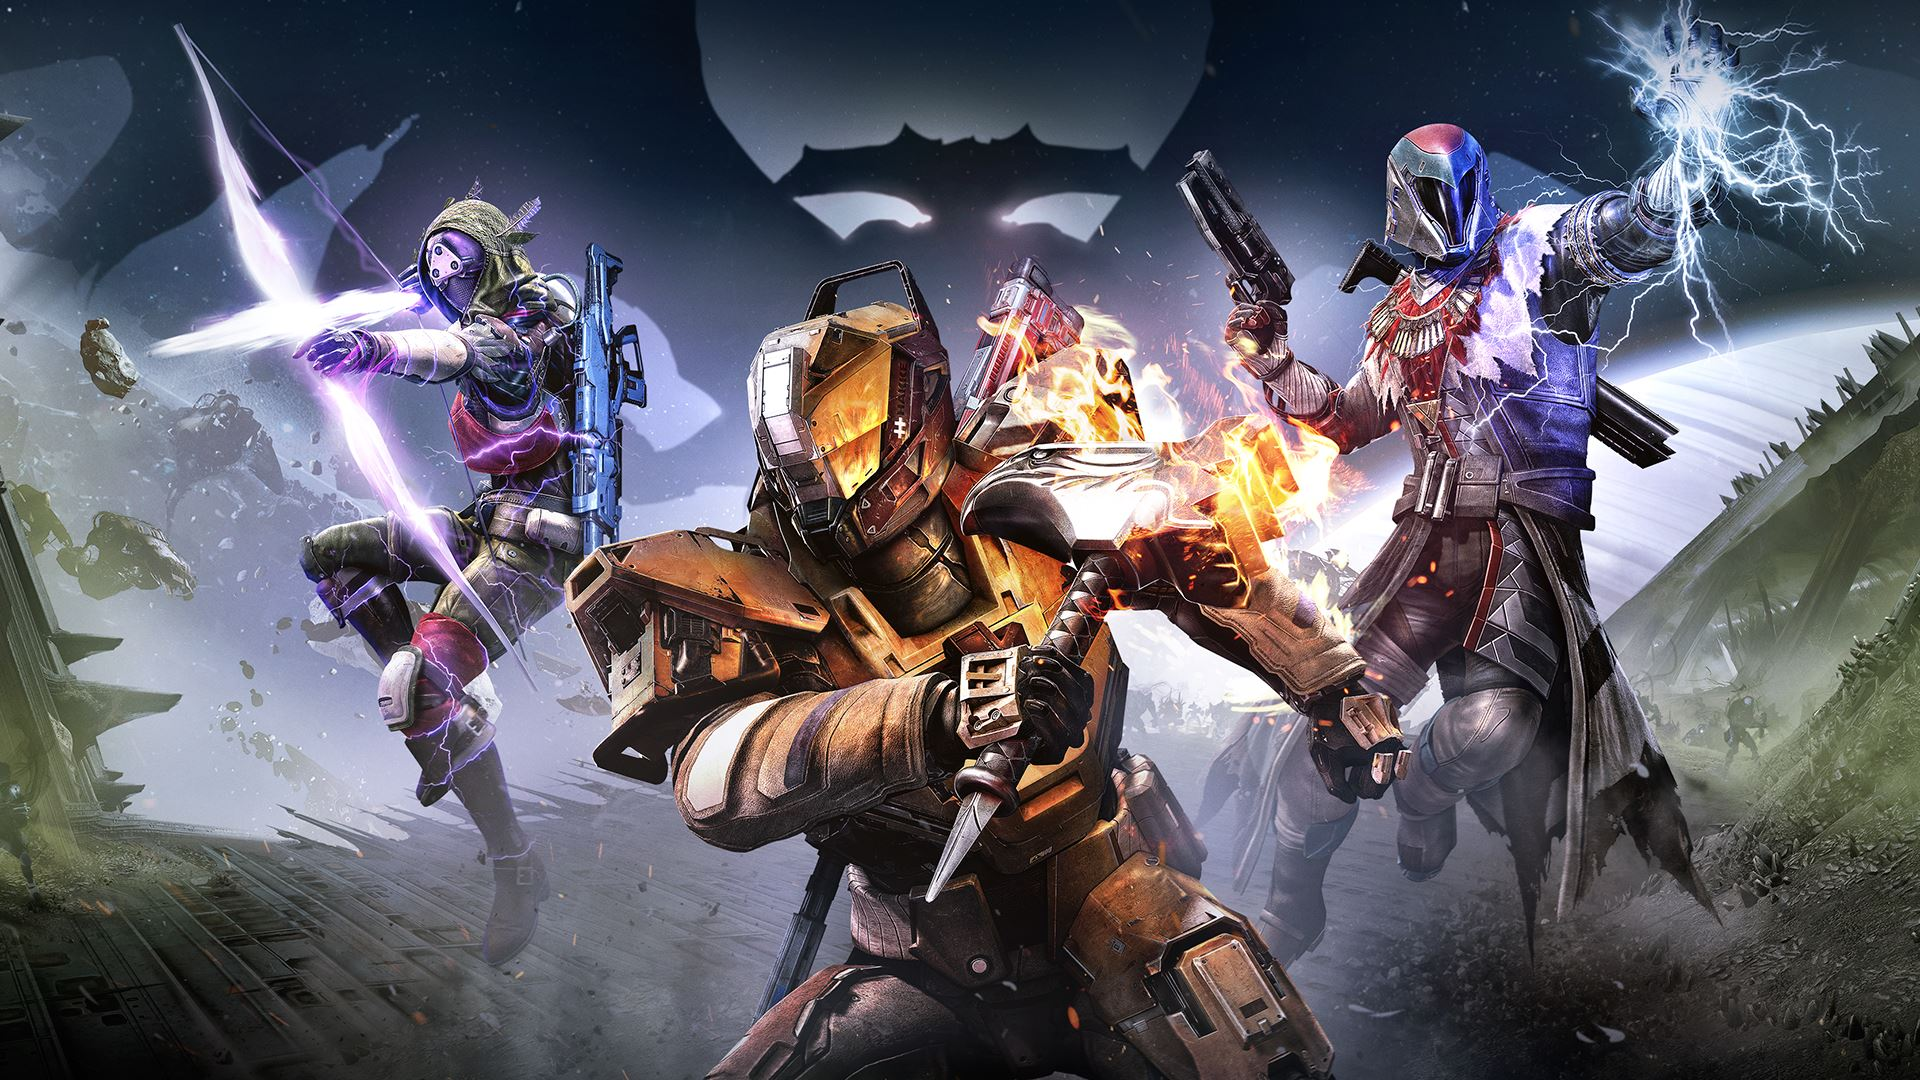 Review: Destiny: The Taken King